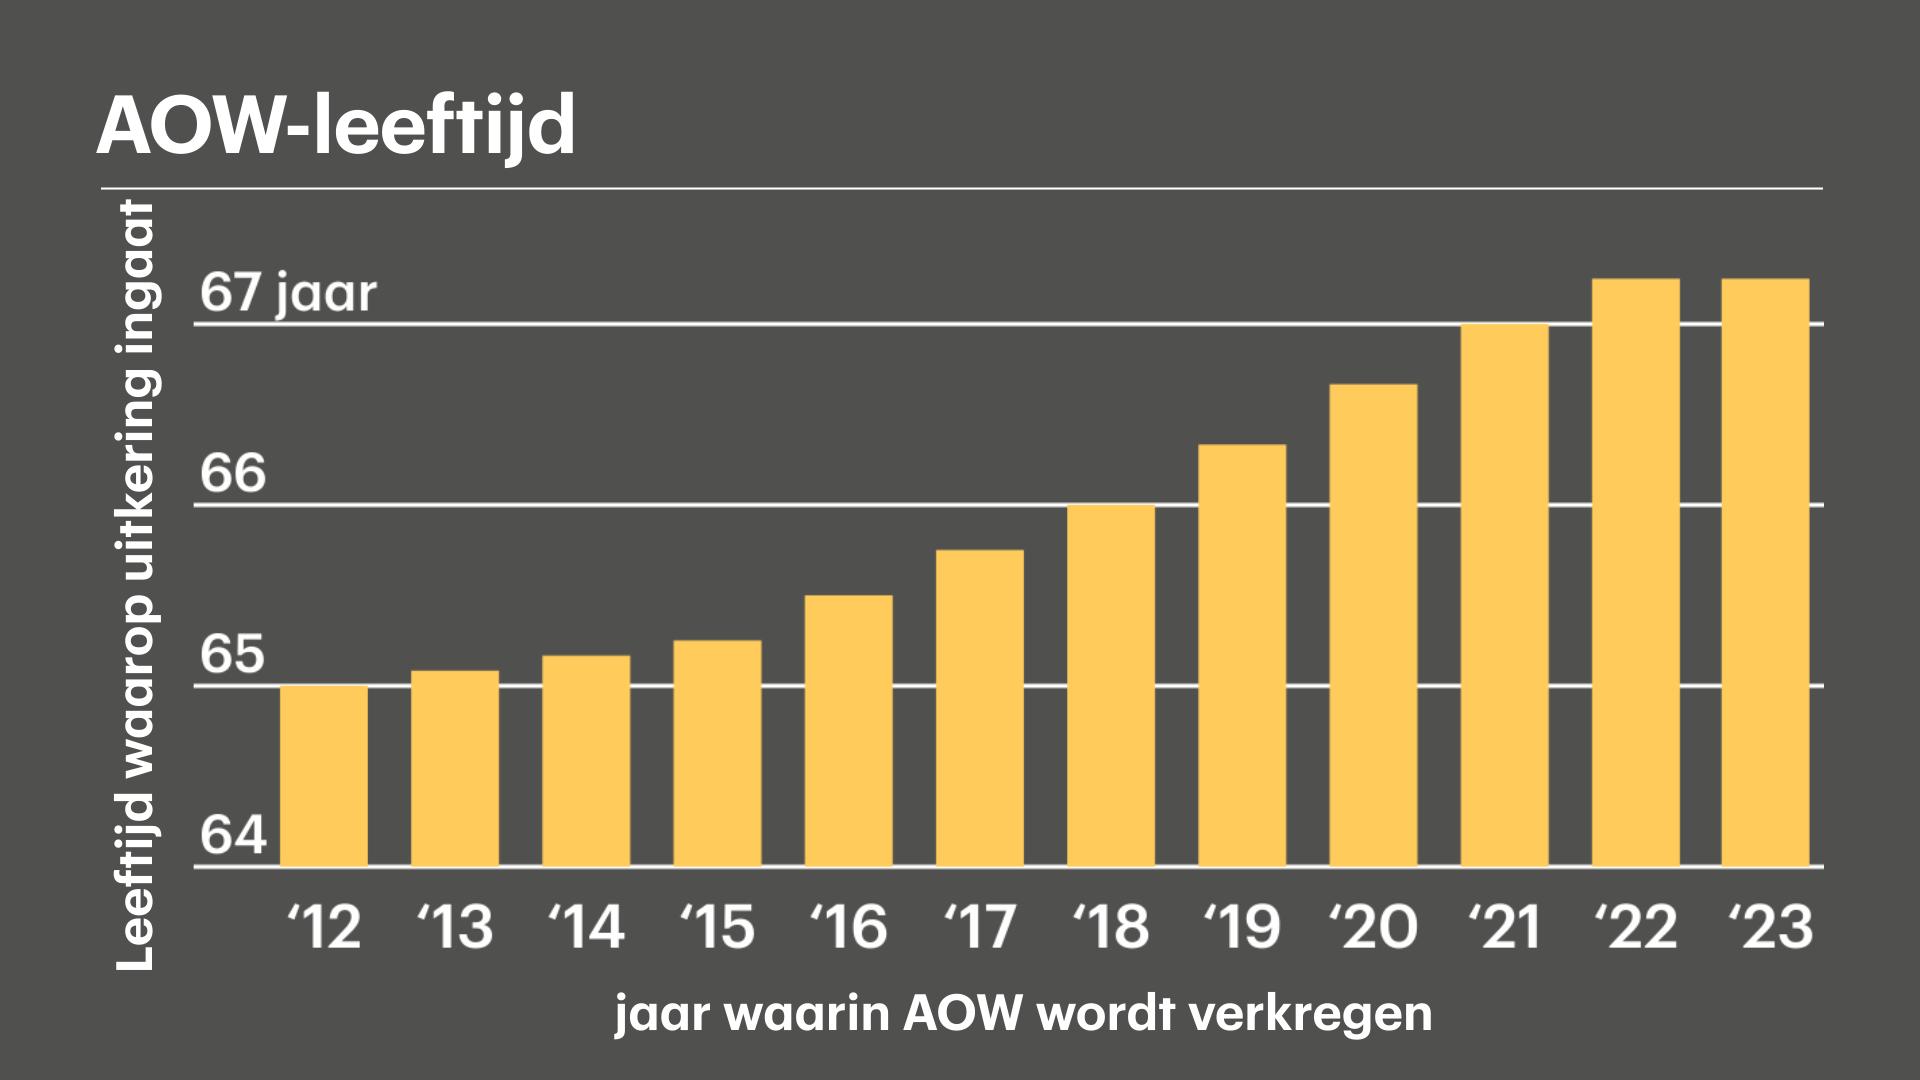 Voor het eerst in 10 jaar stijgt de AOW-leeftijd niet